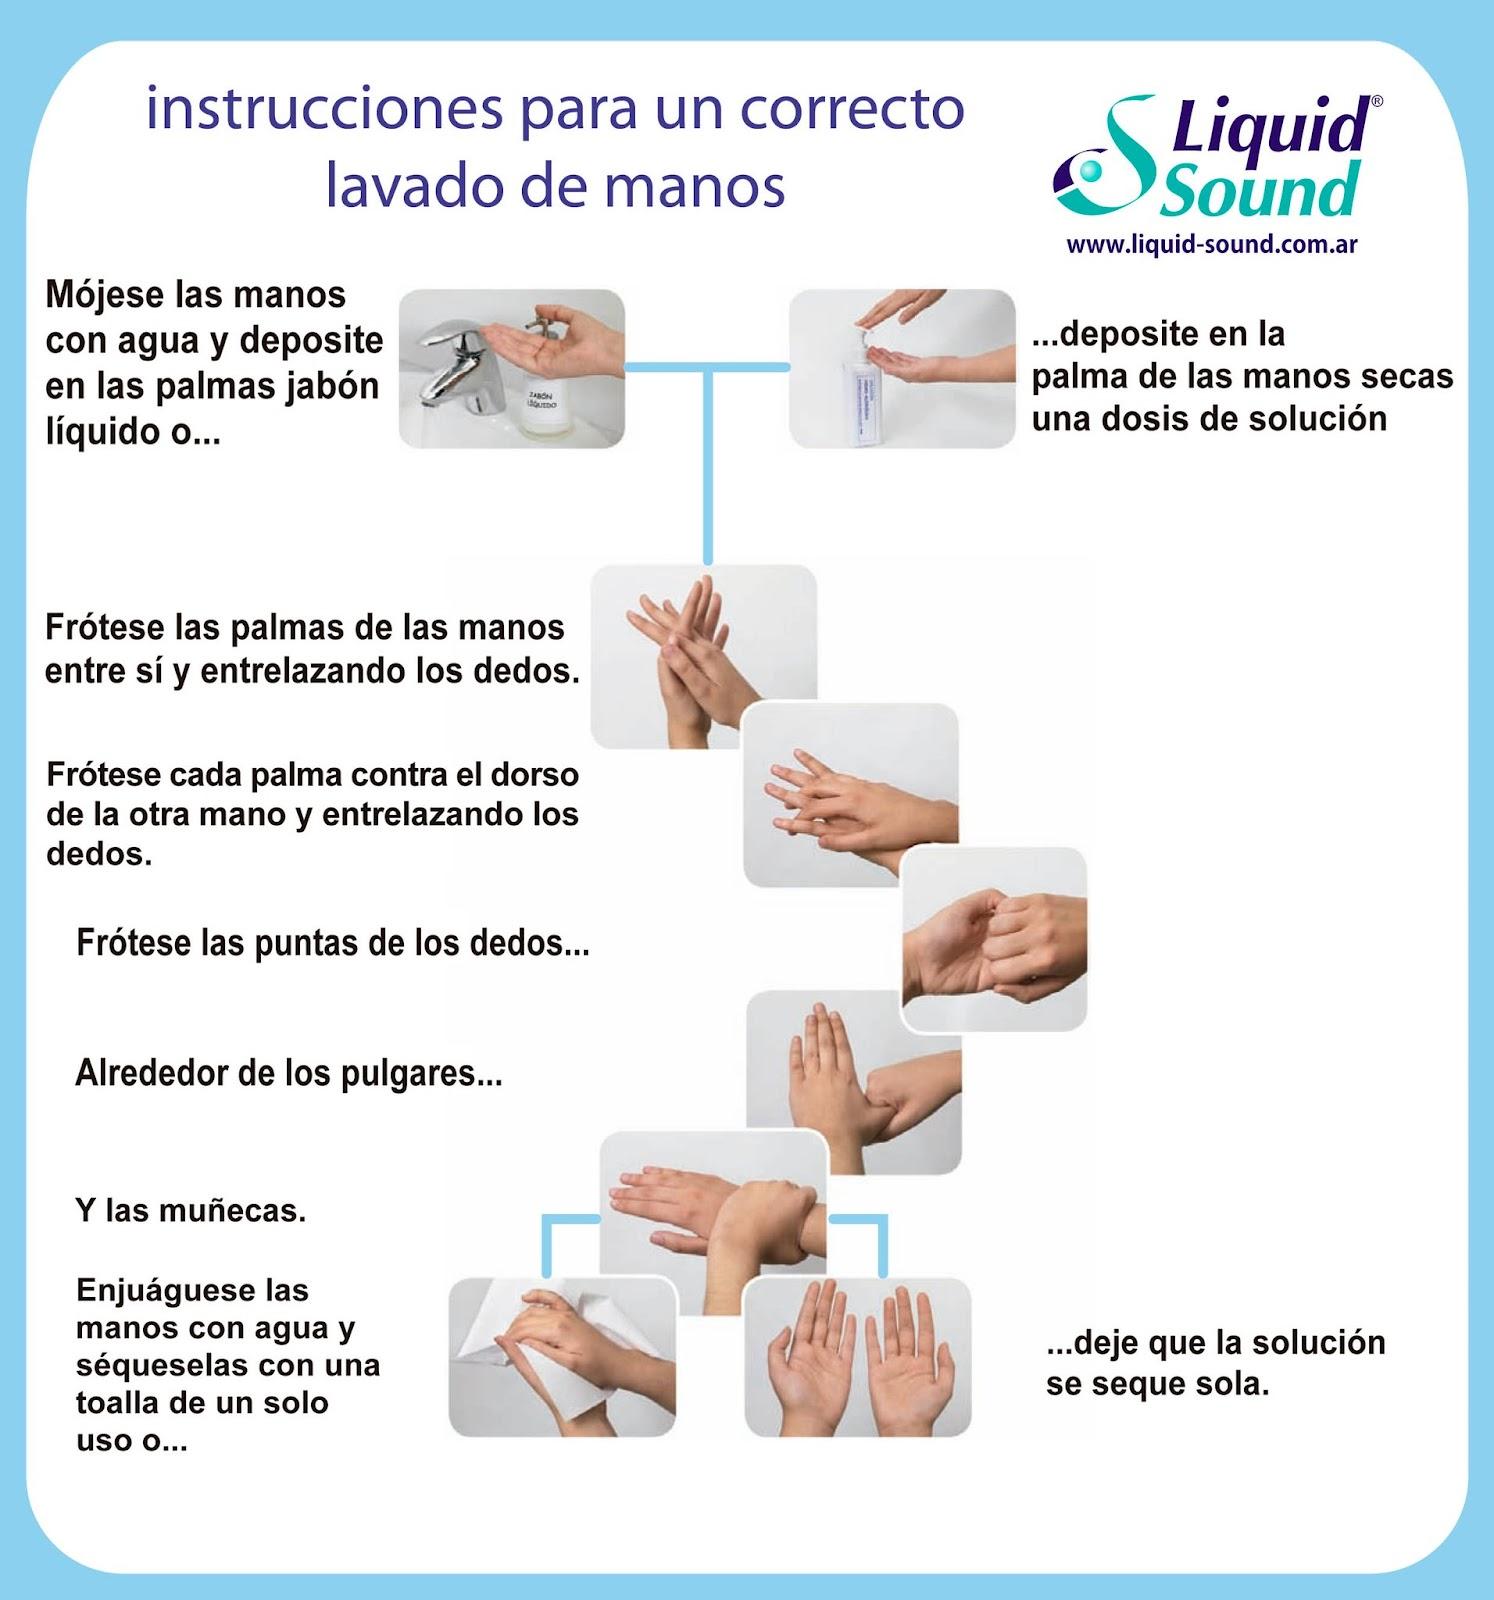 Procedimientos de lavado de manos - Imagui